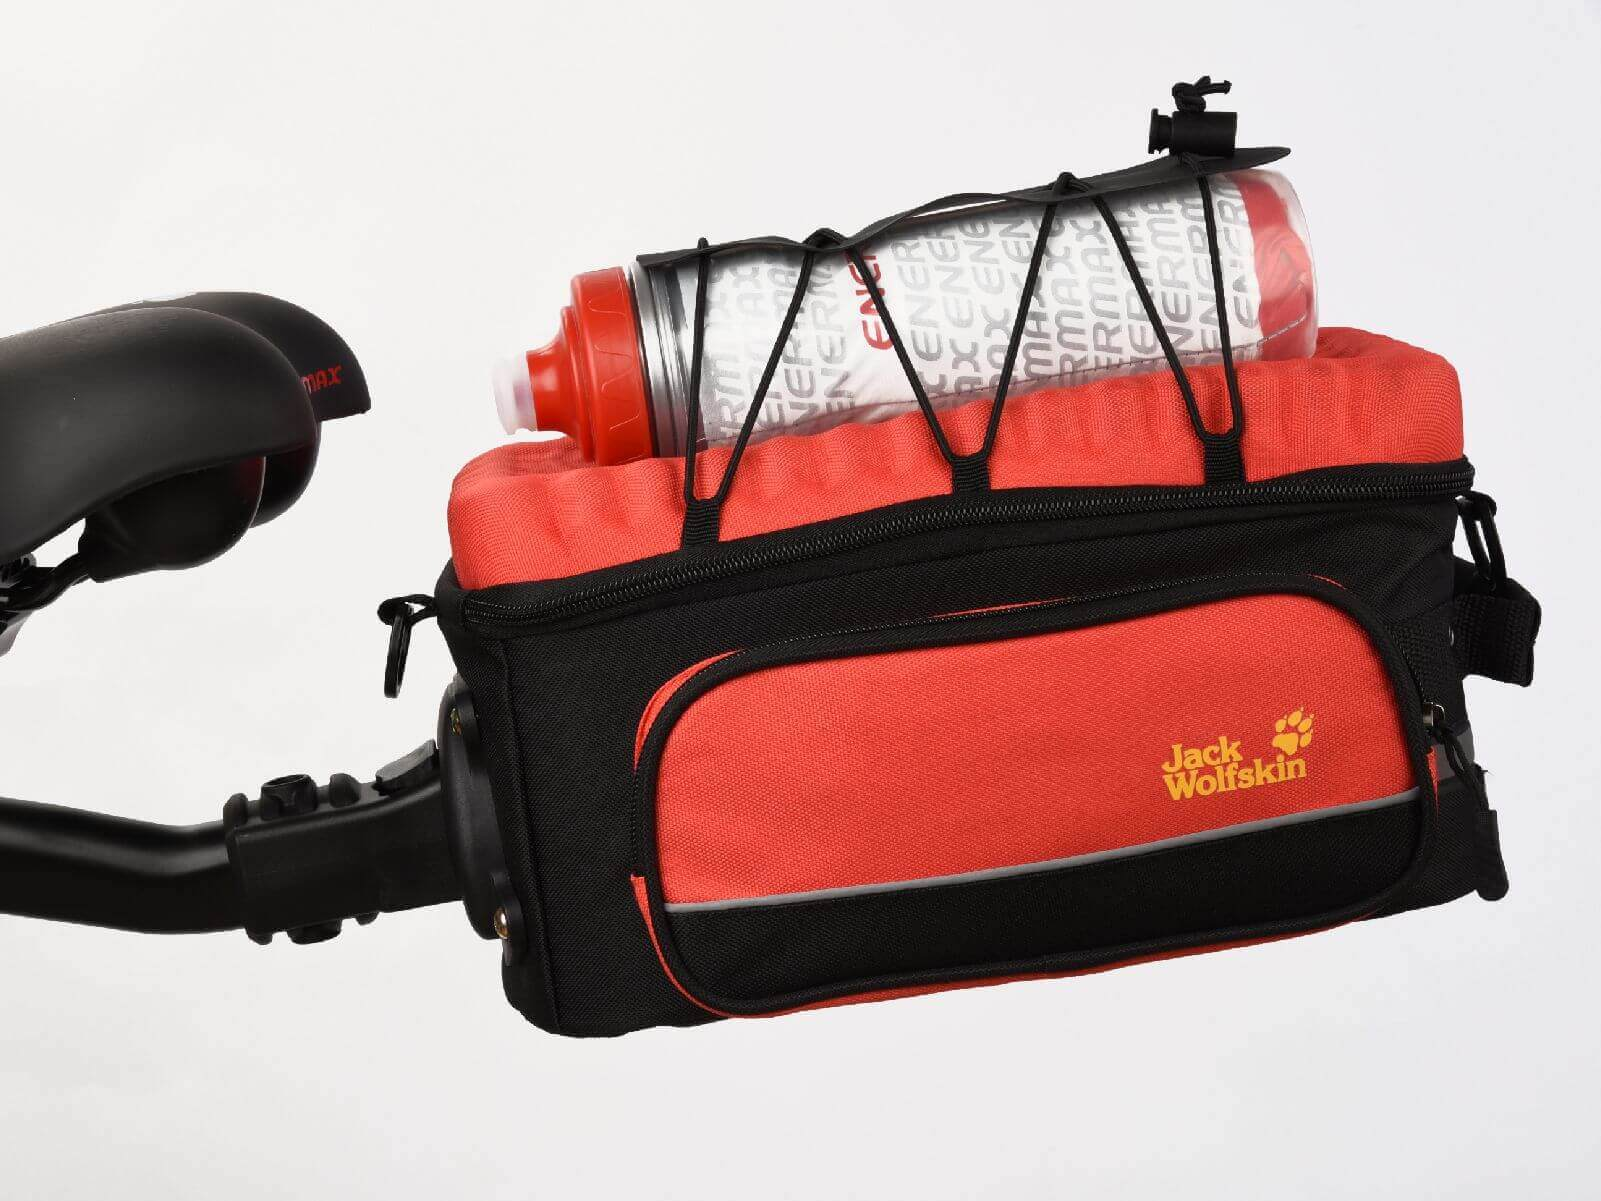 ENERMAX Jack Wolfskin聯名款快拆式後旅行袋 靈巧收納空間設計